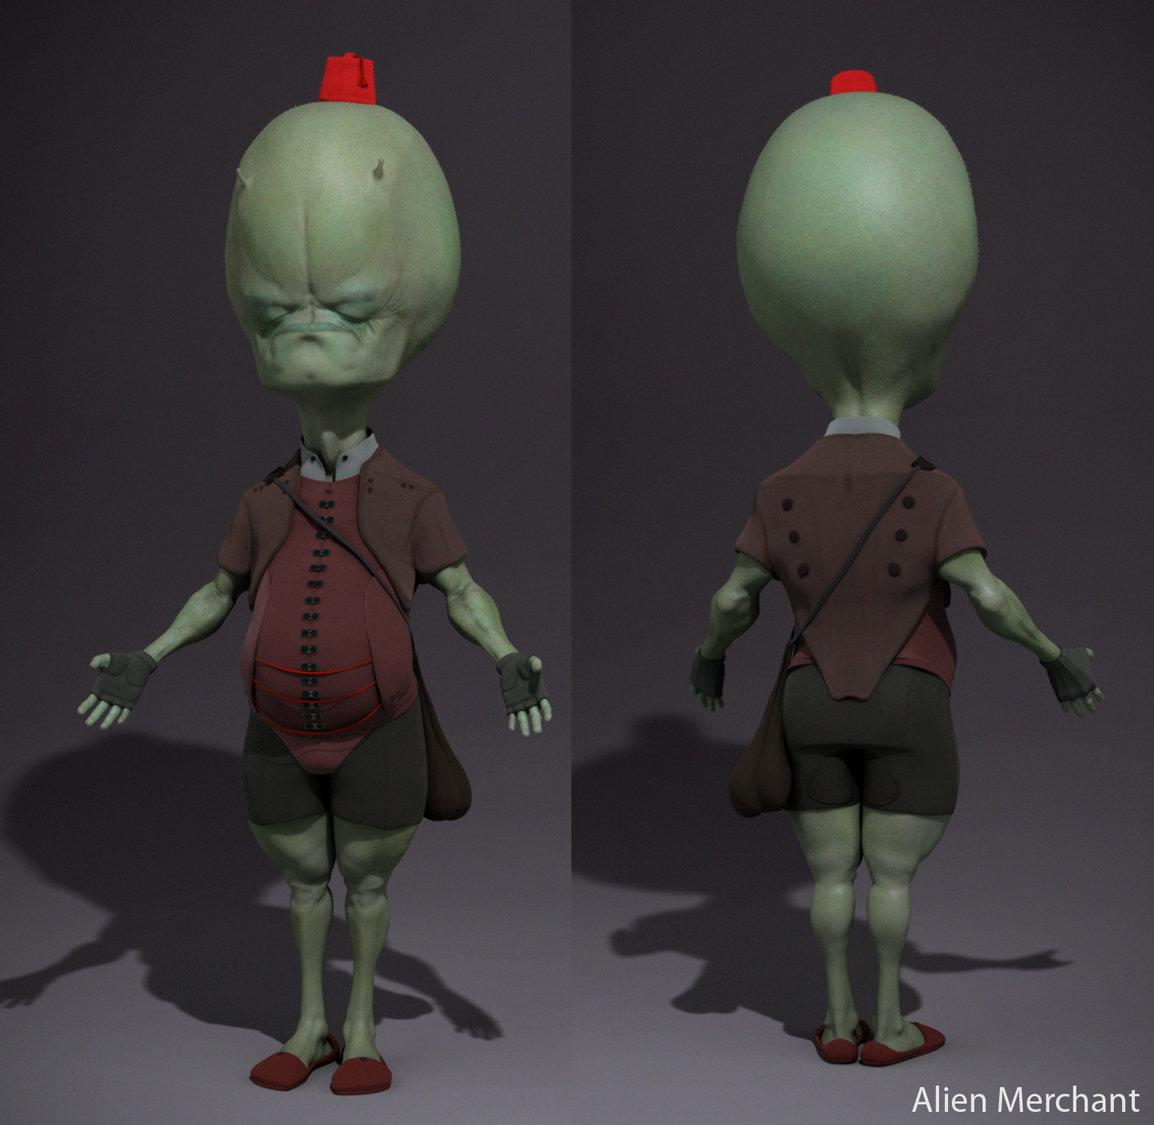 Alien Merchant